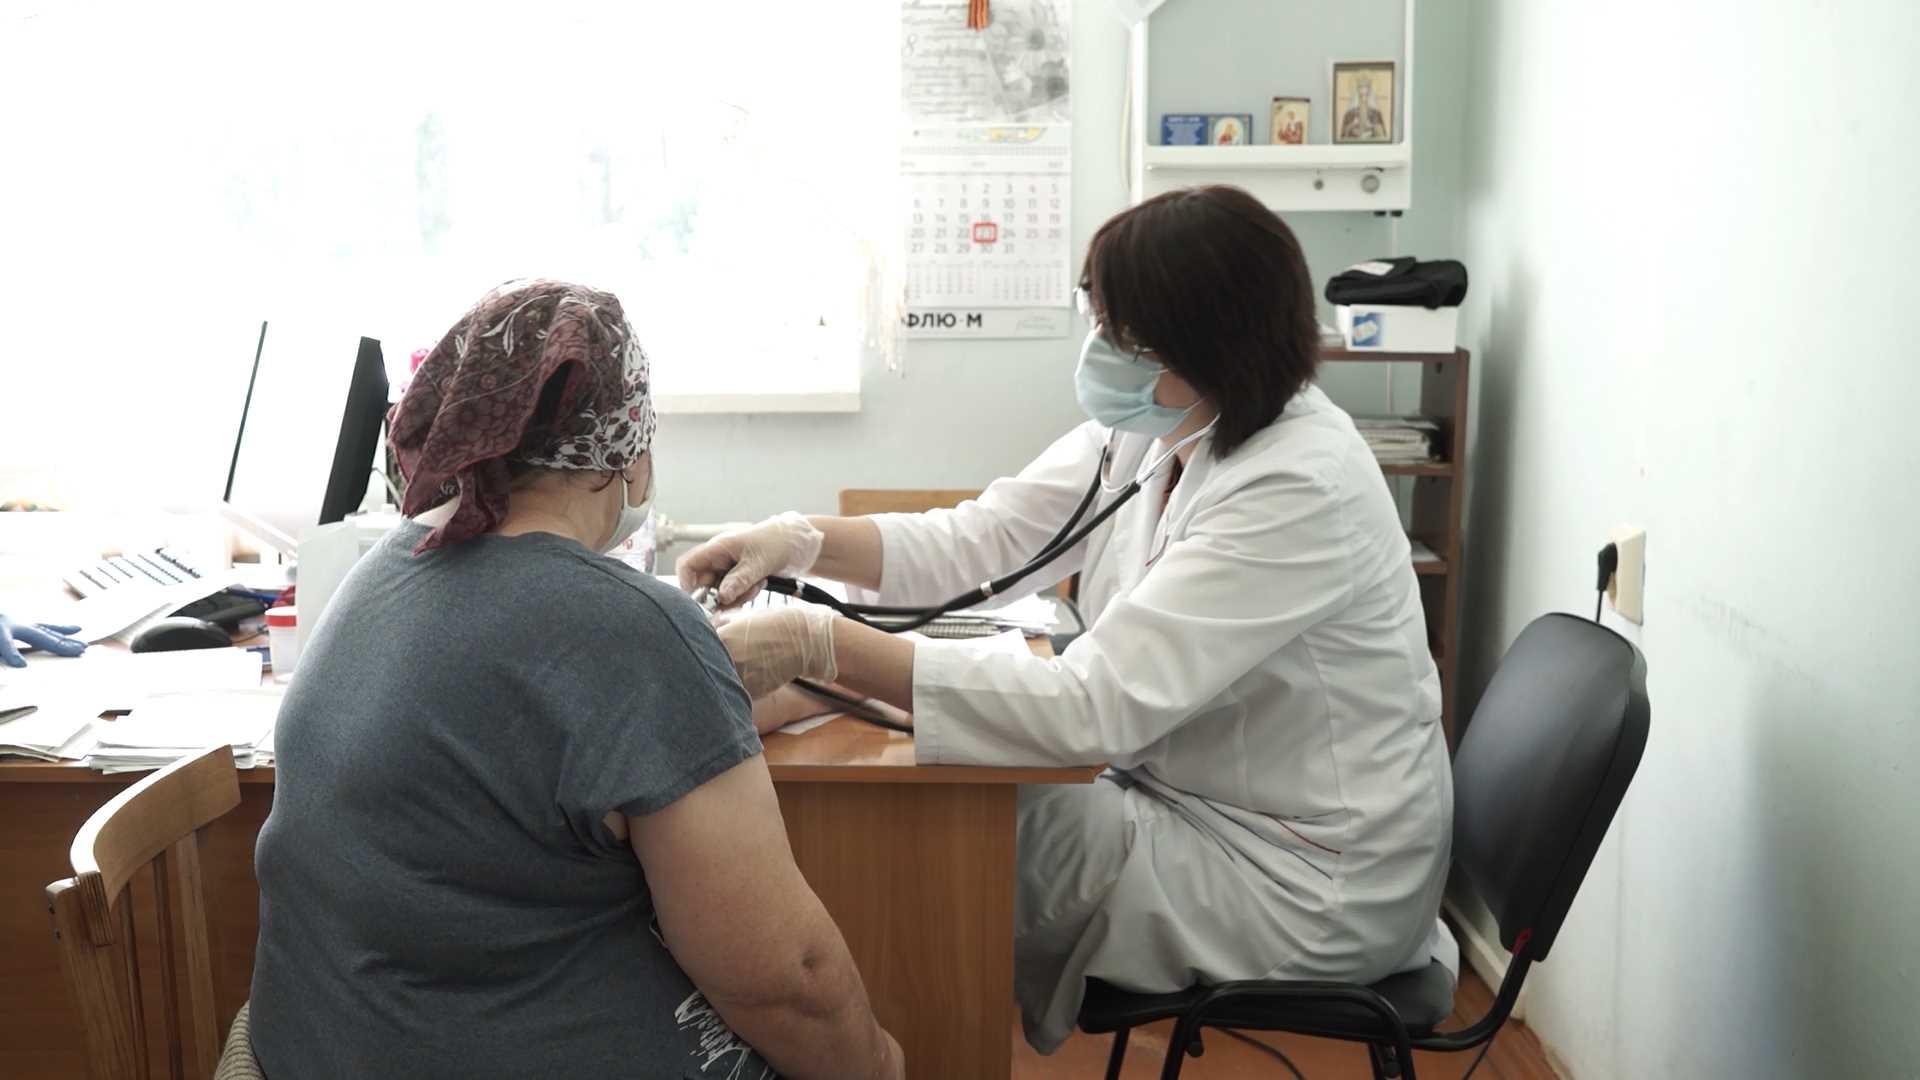 С 13 по 17 сентября в Костромской области пройдет акция «Маршрут здоровья»